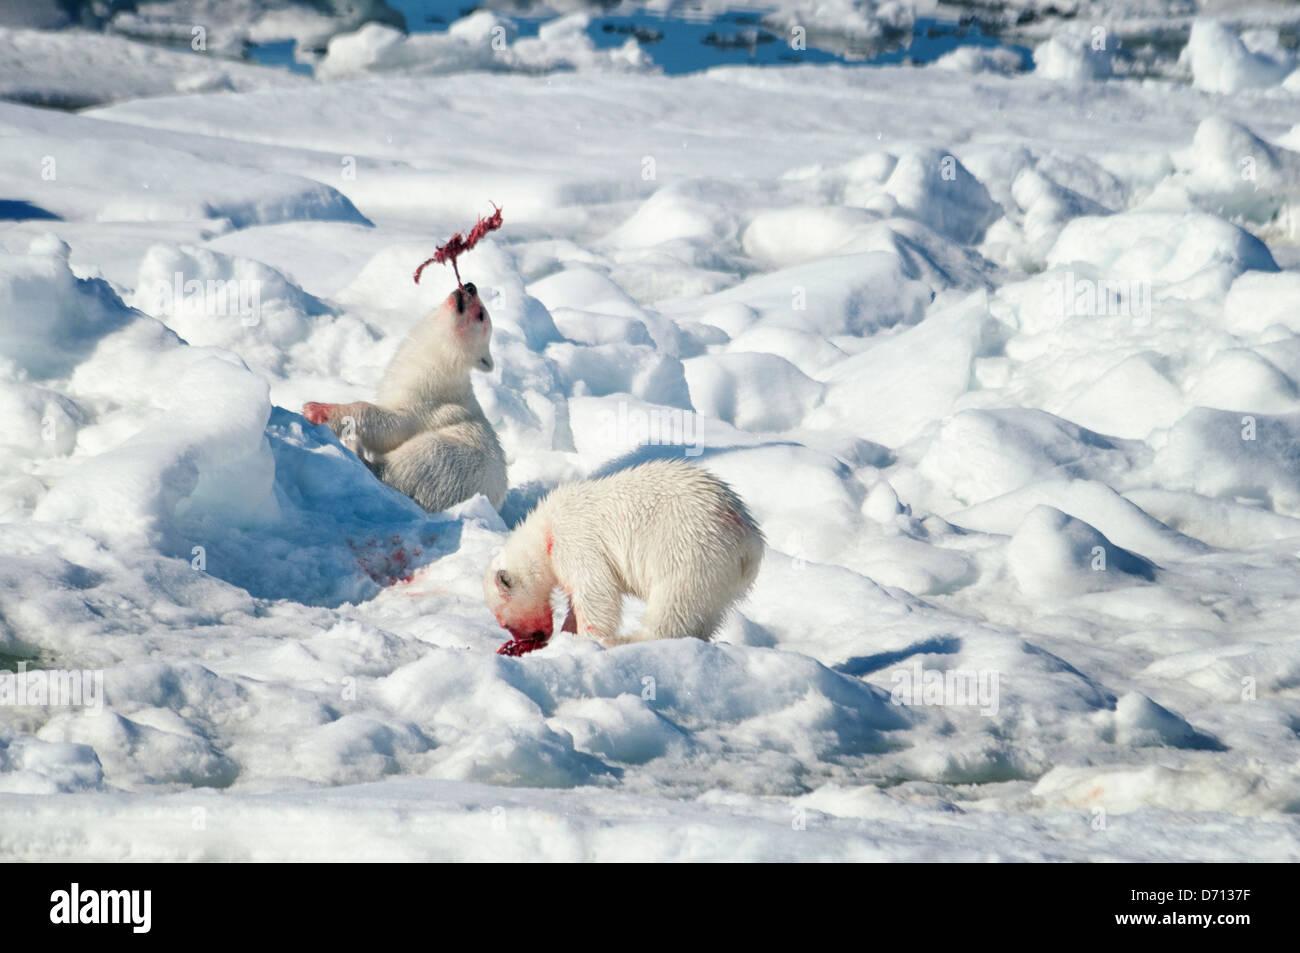 #10 in una serie di immagini di una madre orso polare, Ursus maritimus, stalking una guarnizione per sfamare la Immagini Stock